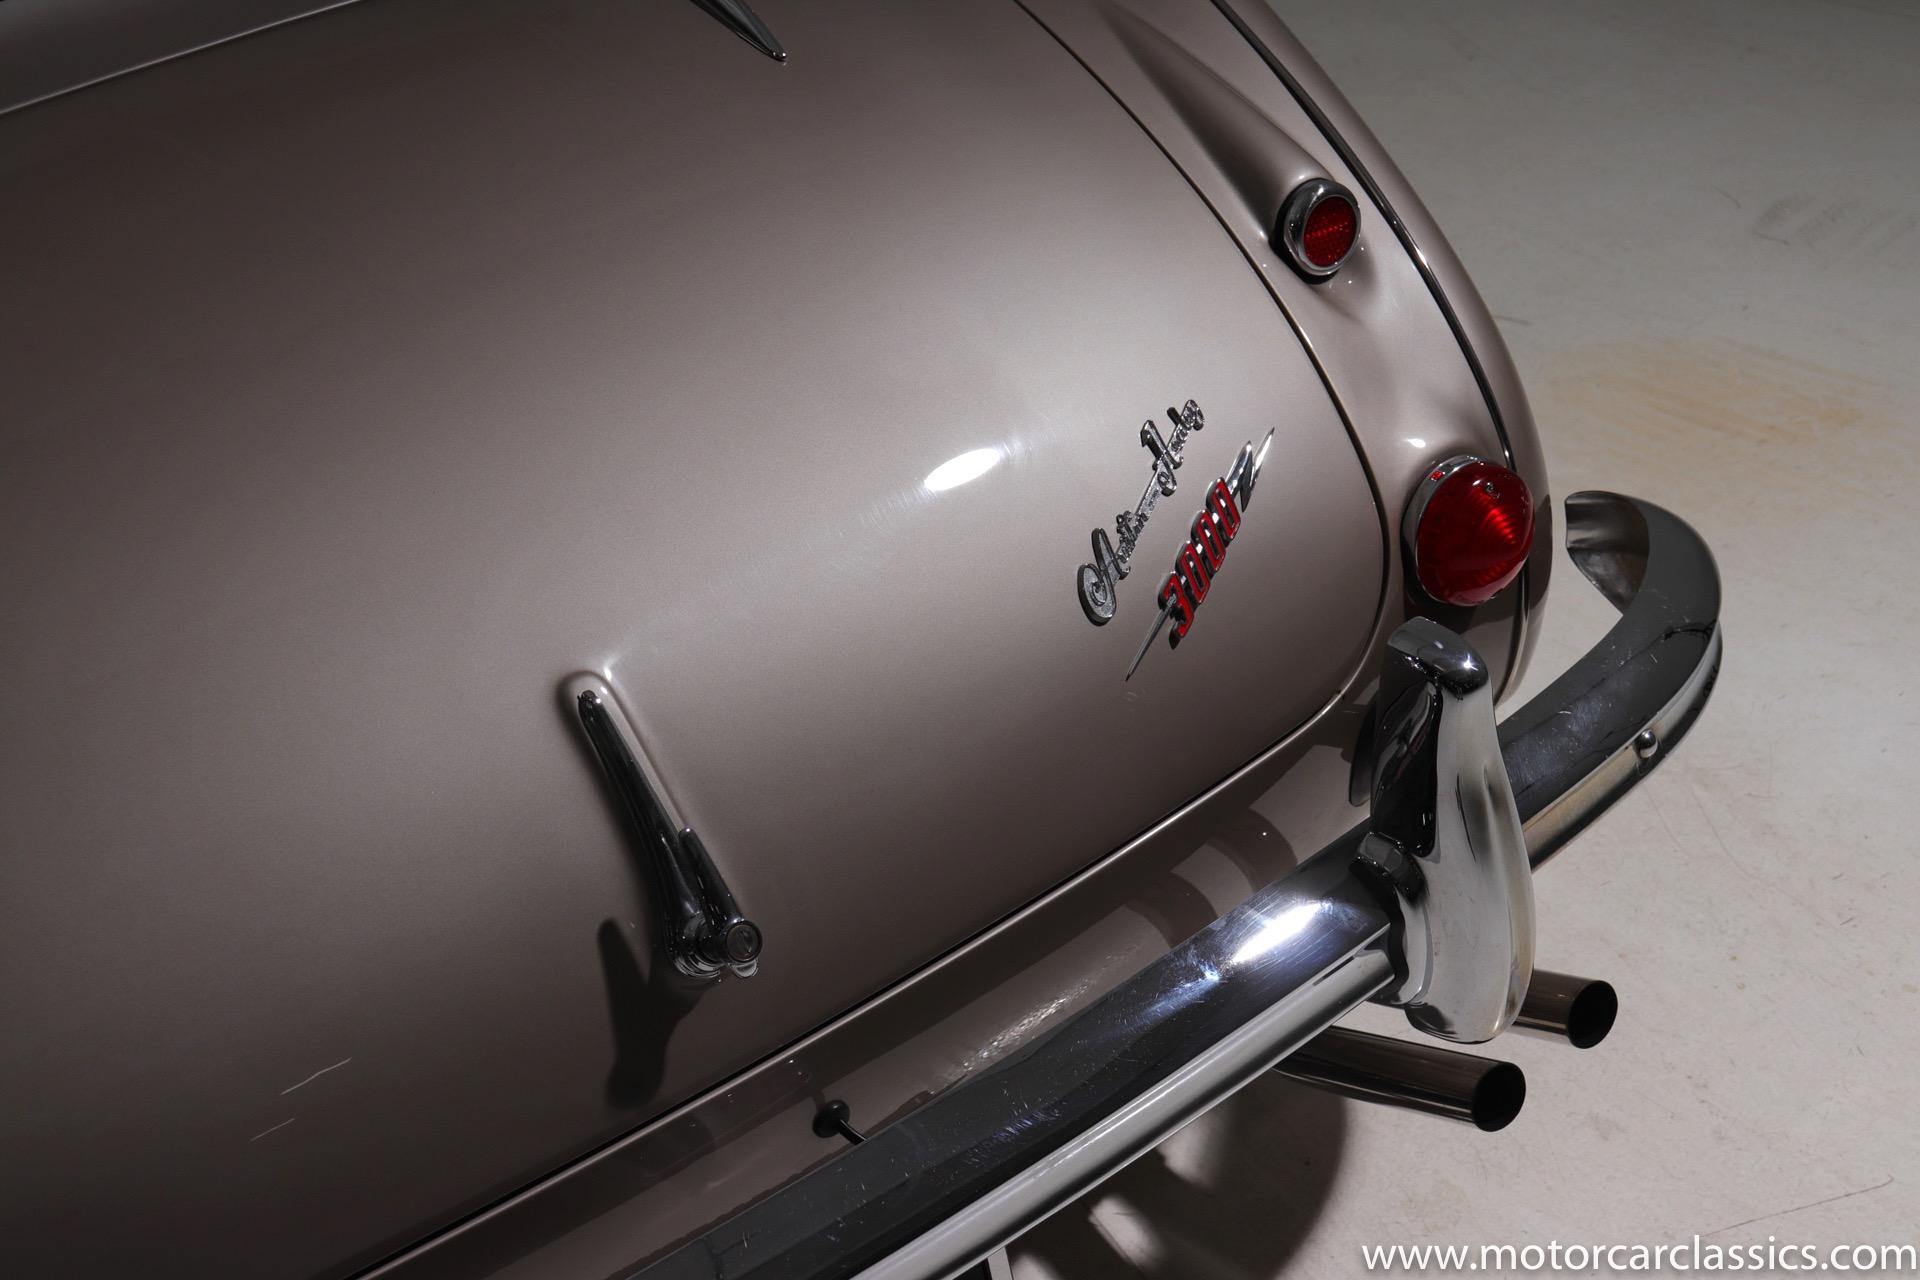 1964 Austin-Healey 3000 MK III